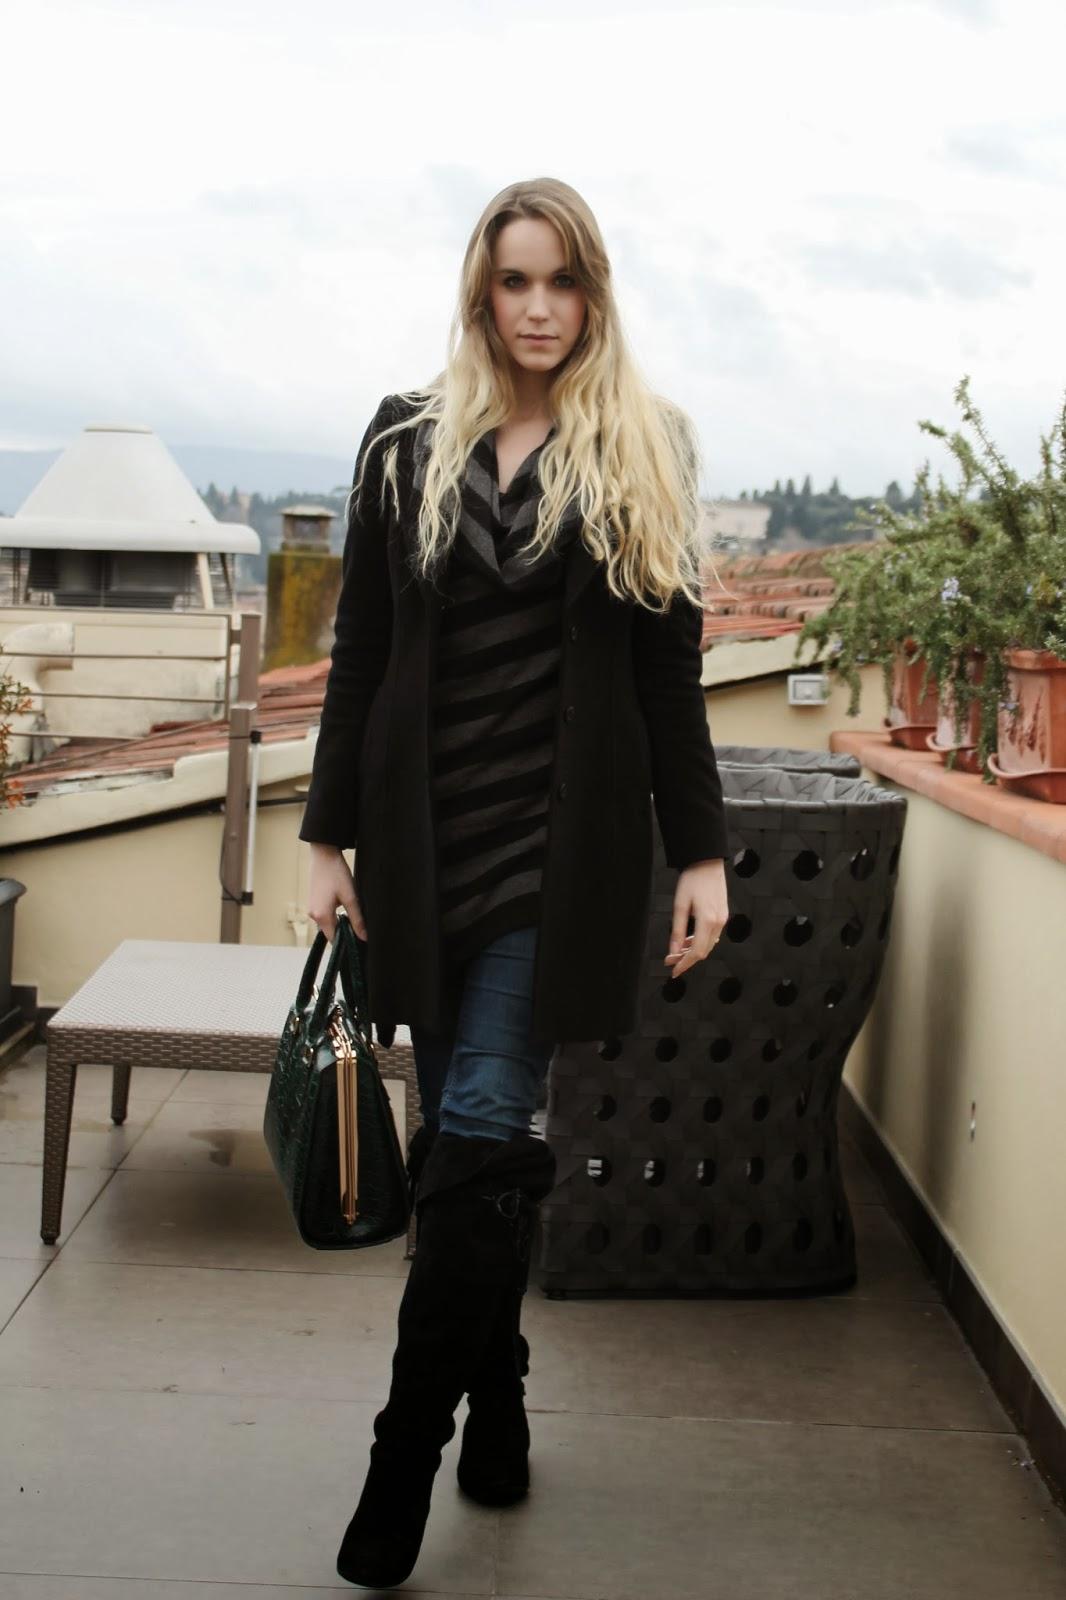 Bella Pummarola: At the Top of the City